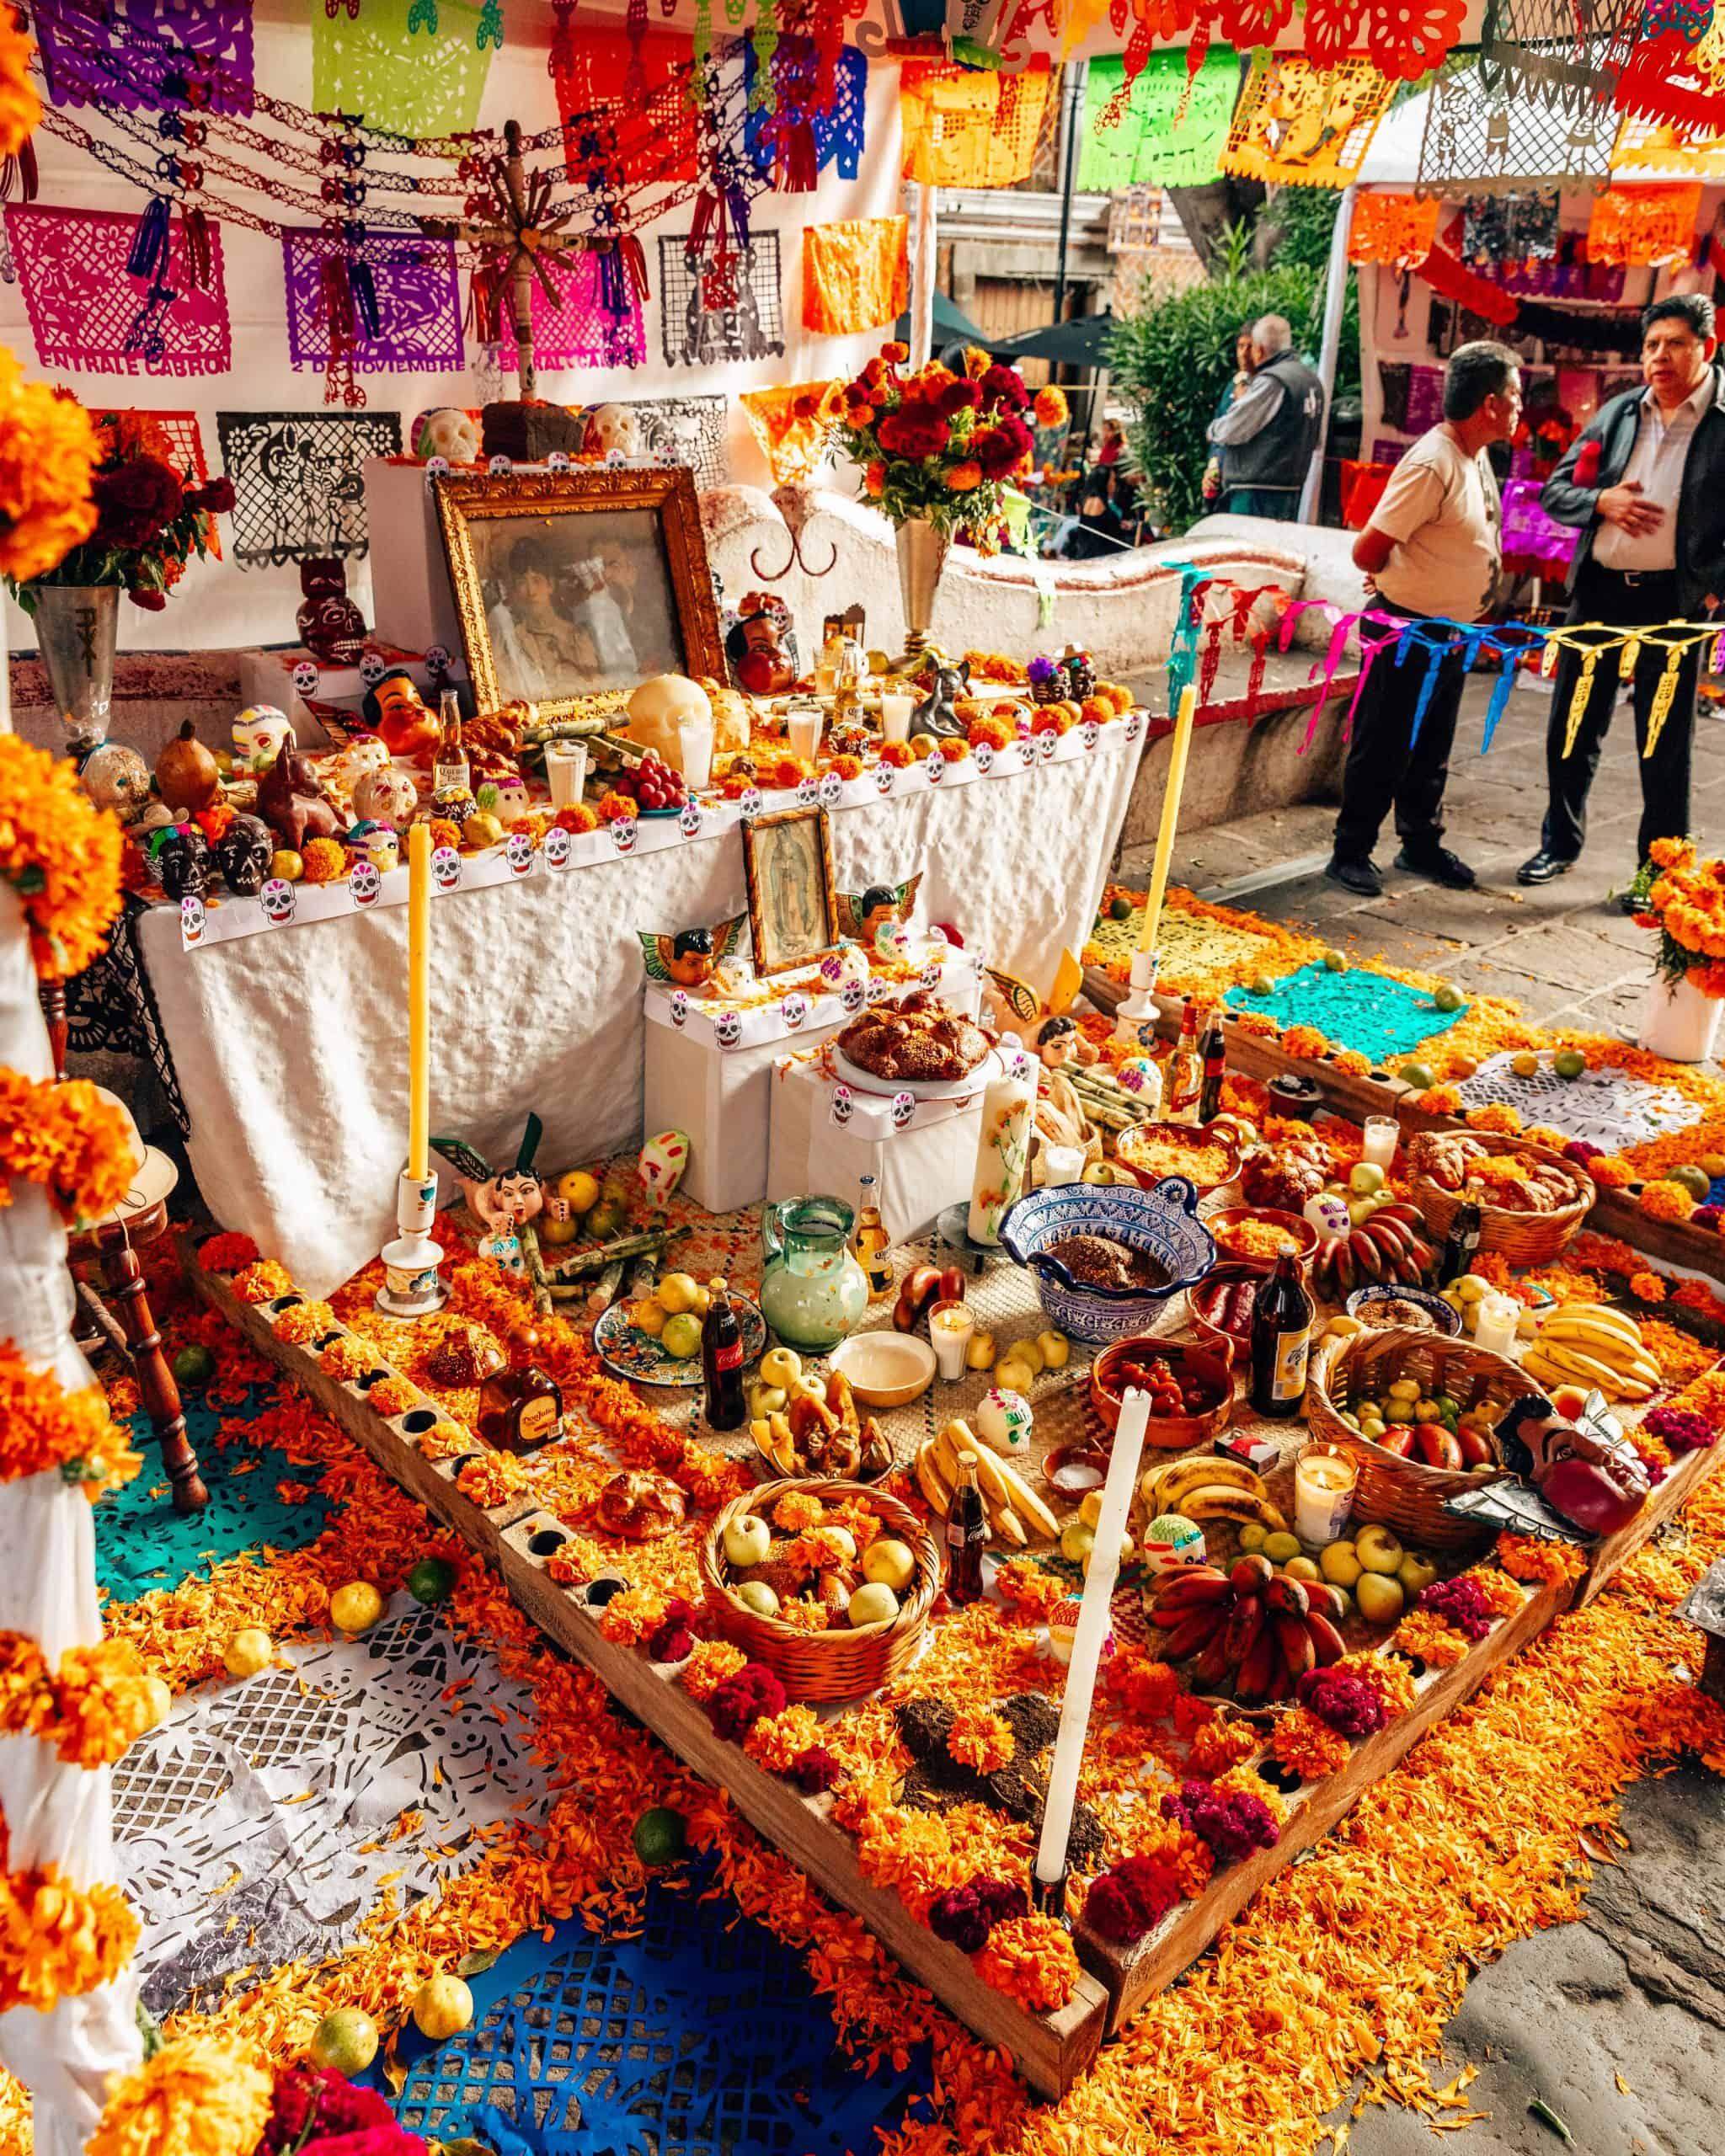 Public Ofrenda for Dia de los Muertos Mexico City